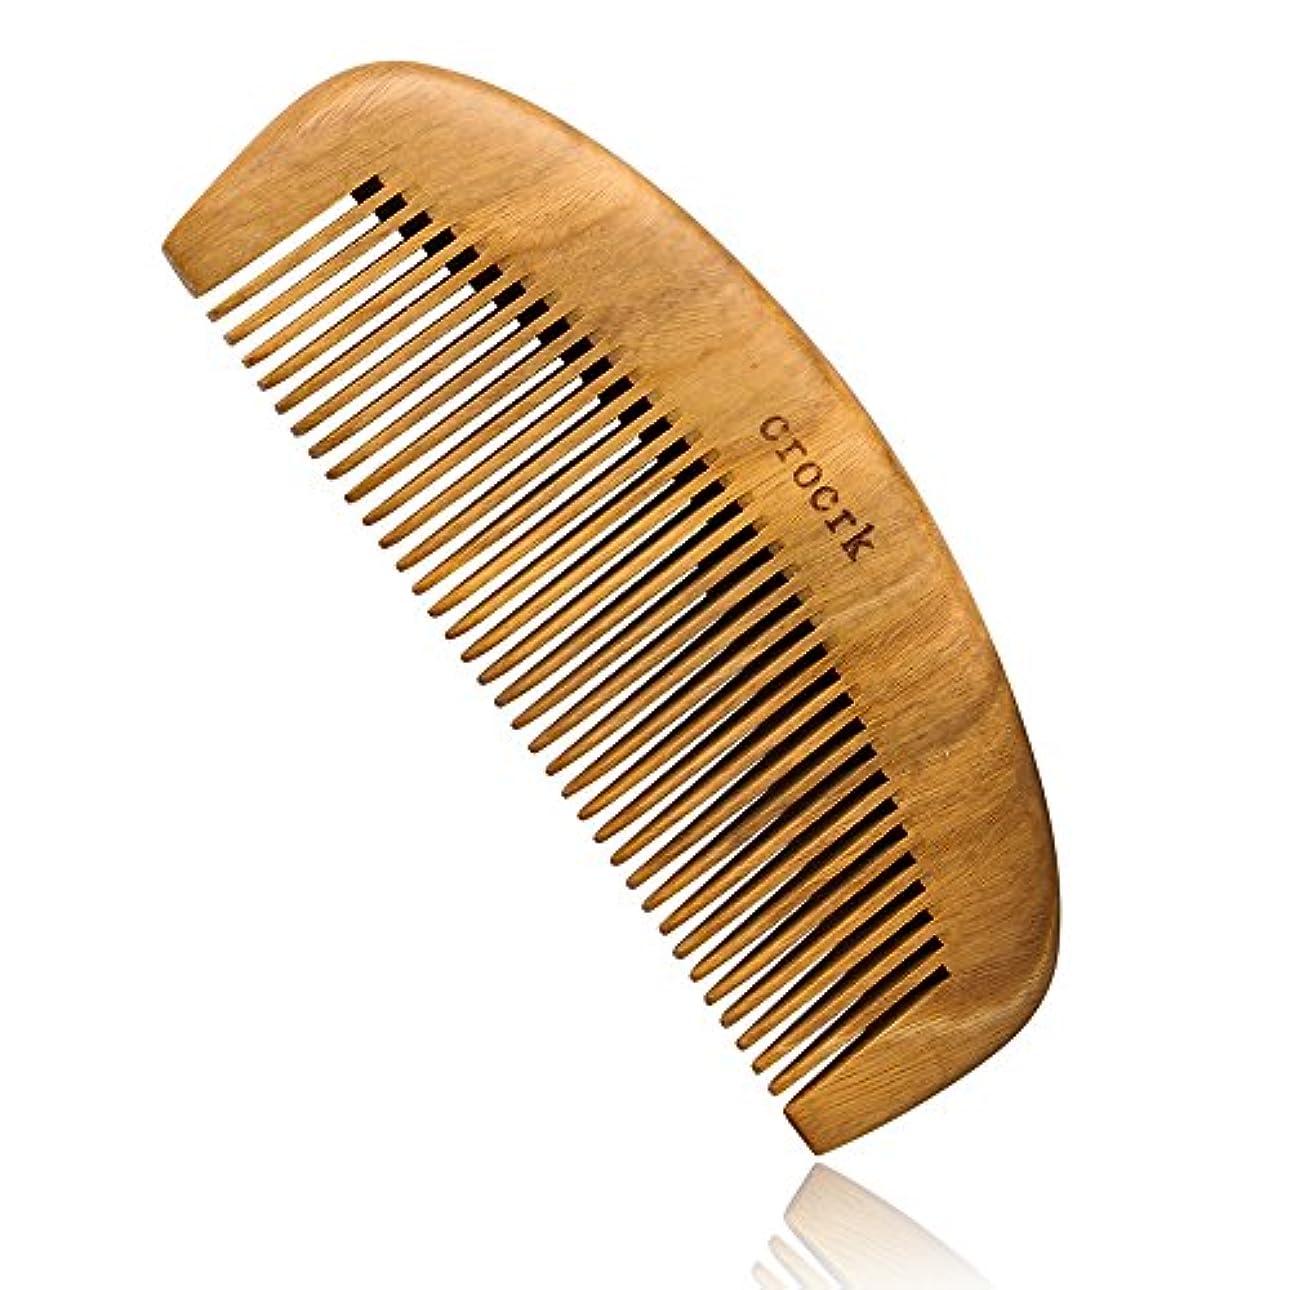 スライム不可能な抵当(クロック)CROCRK 櫛 緑檀木 男女兼用 頭部血行促進して 脱毛を防ぎ 髮の栄養不良を防止 (001)